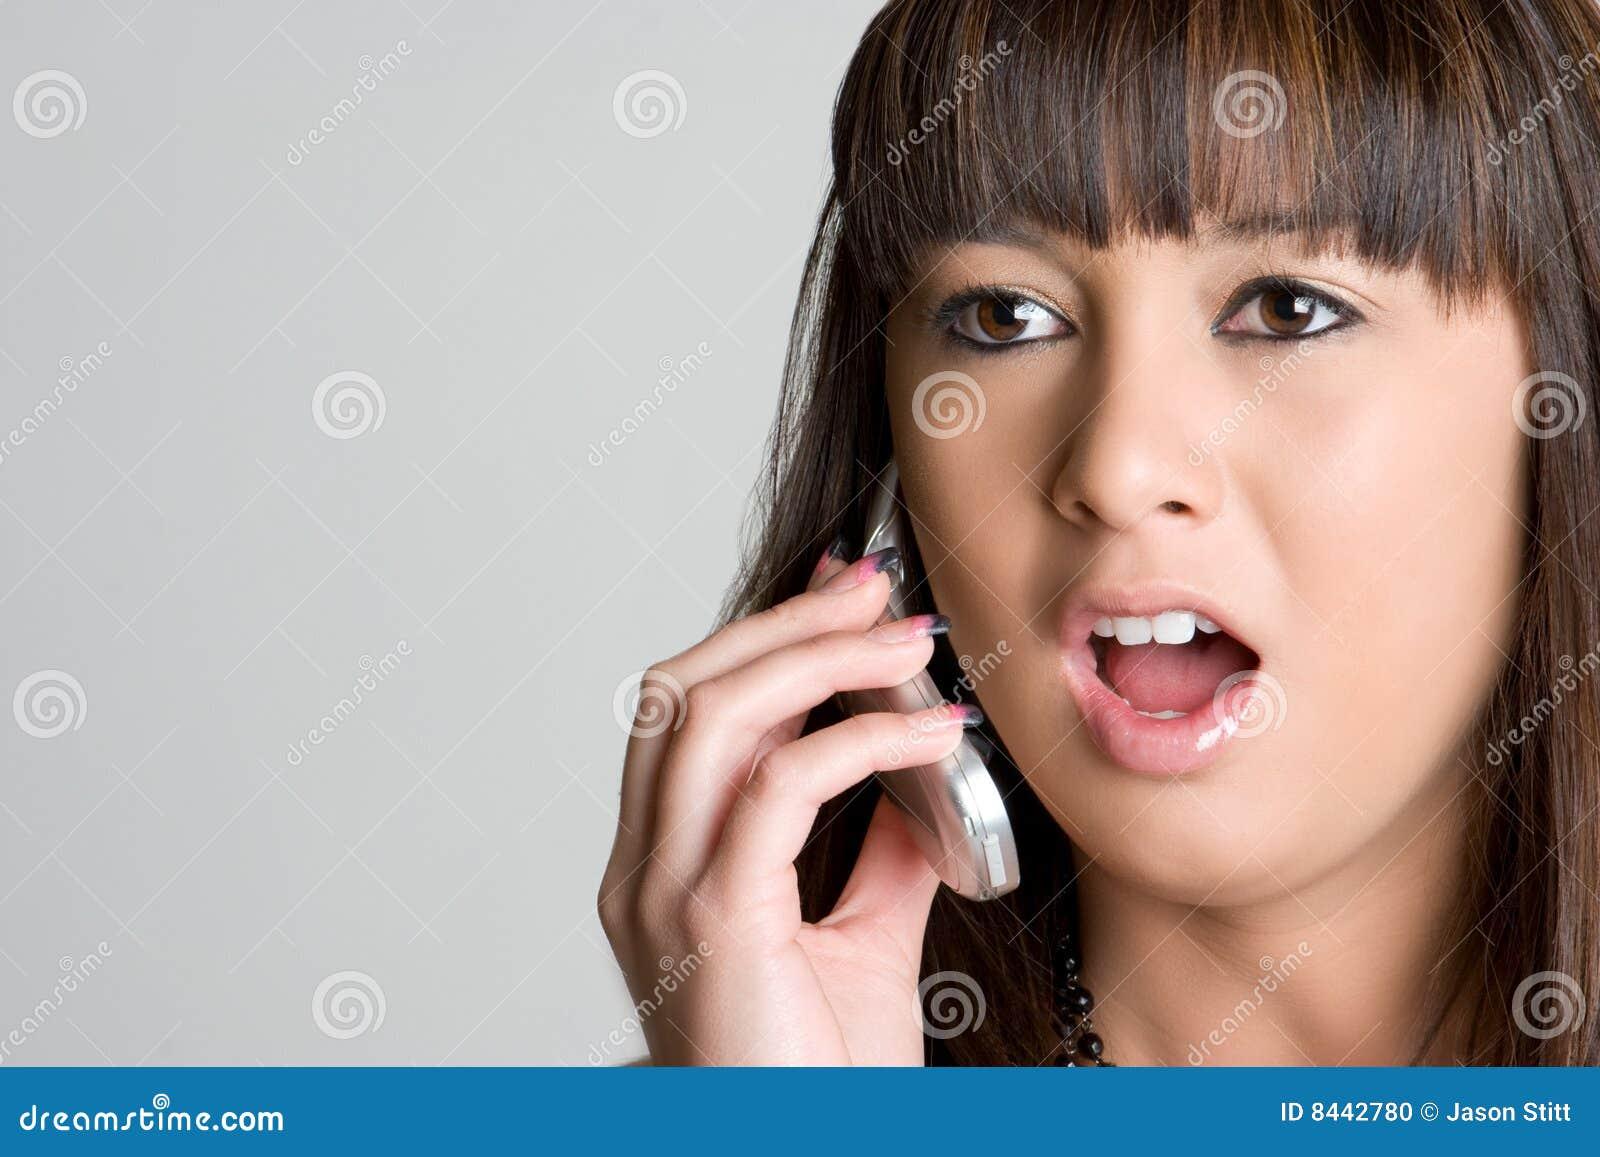 Shocked Asian Phone Girl